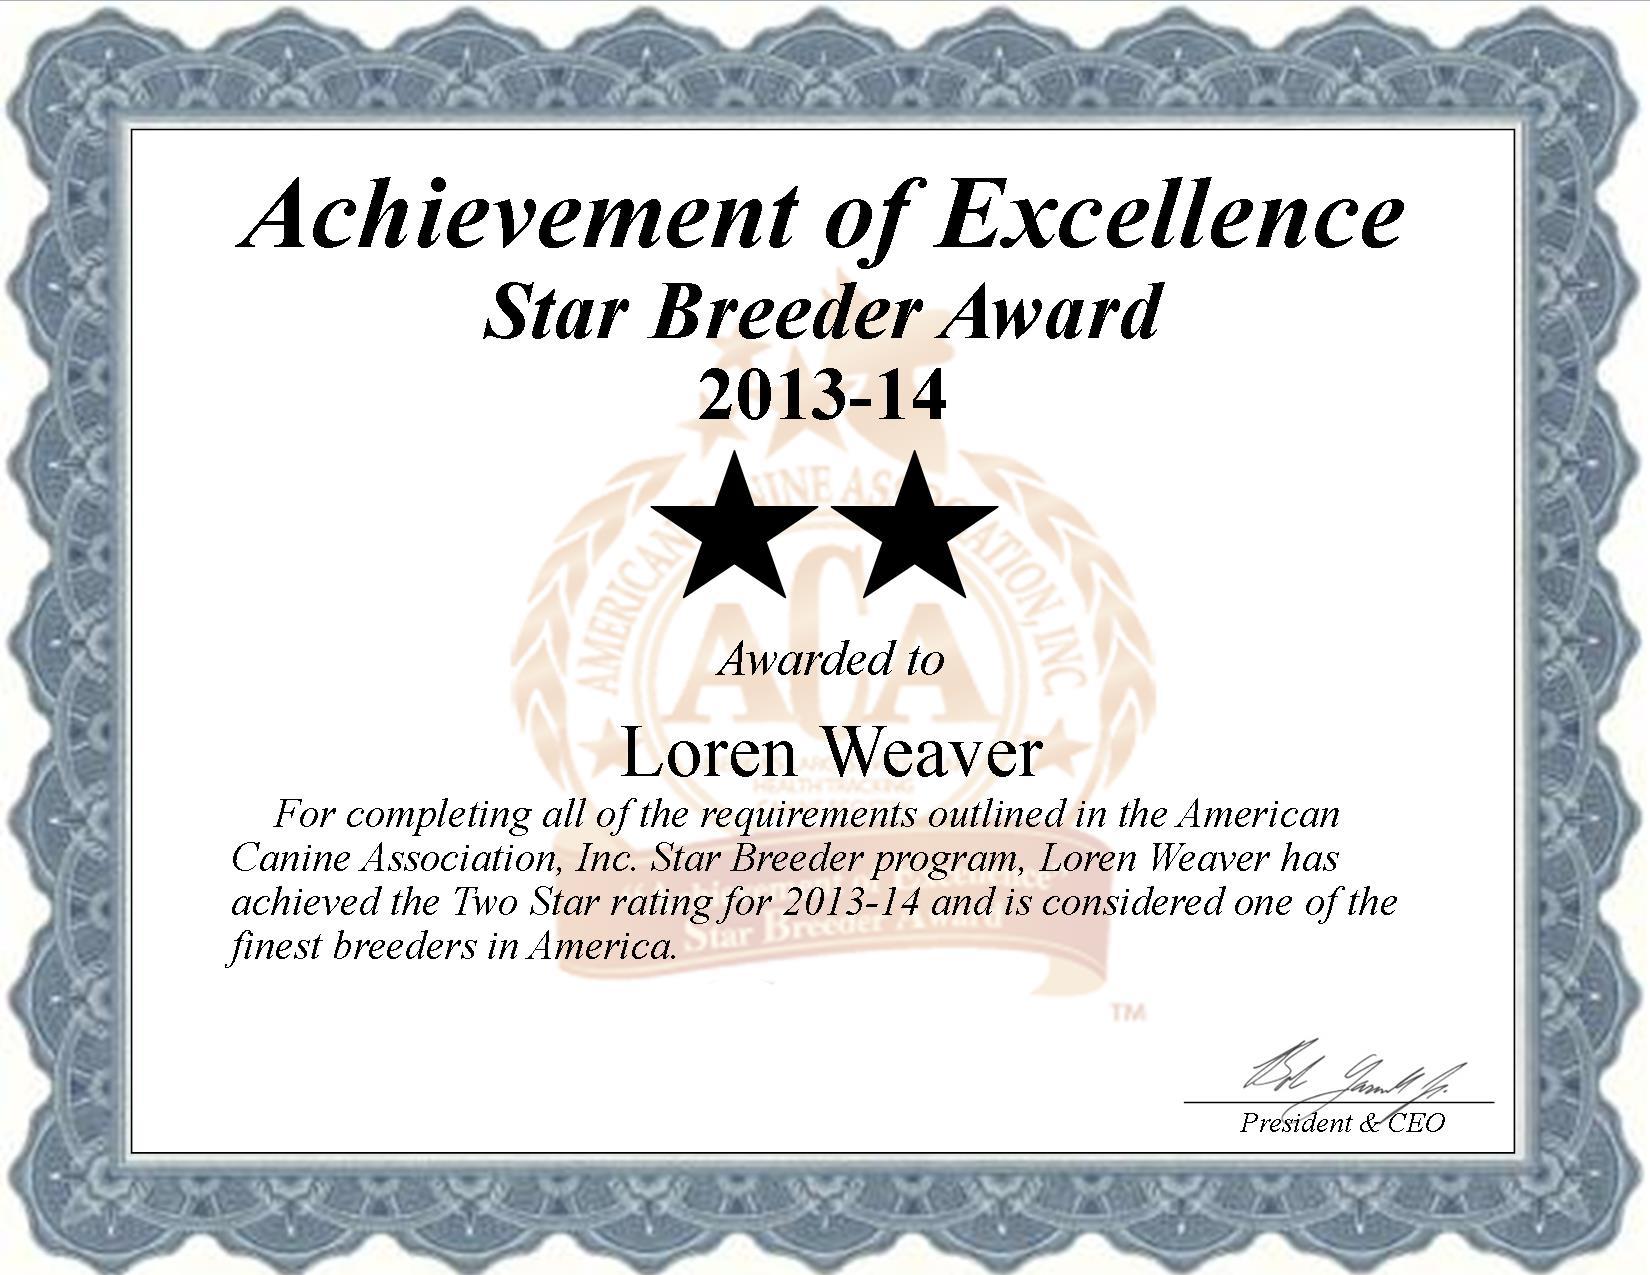 Loren Weaver, Loren, Weaver, Weaver kennel, Loren Weaver breeder, Dundee, NY New York, Dundee NY, breeder, star breeder, 5 star breeders,  starbreeder, starbreeders, 2 star, dog, puppy, puppies